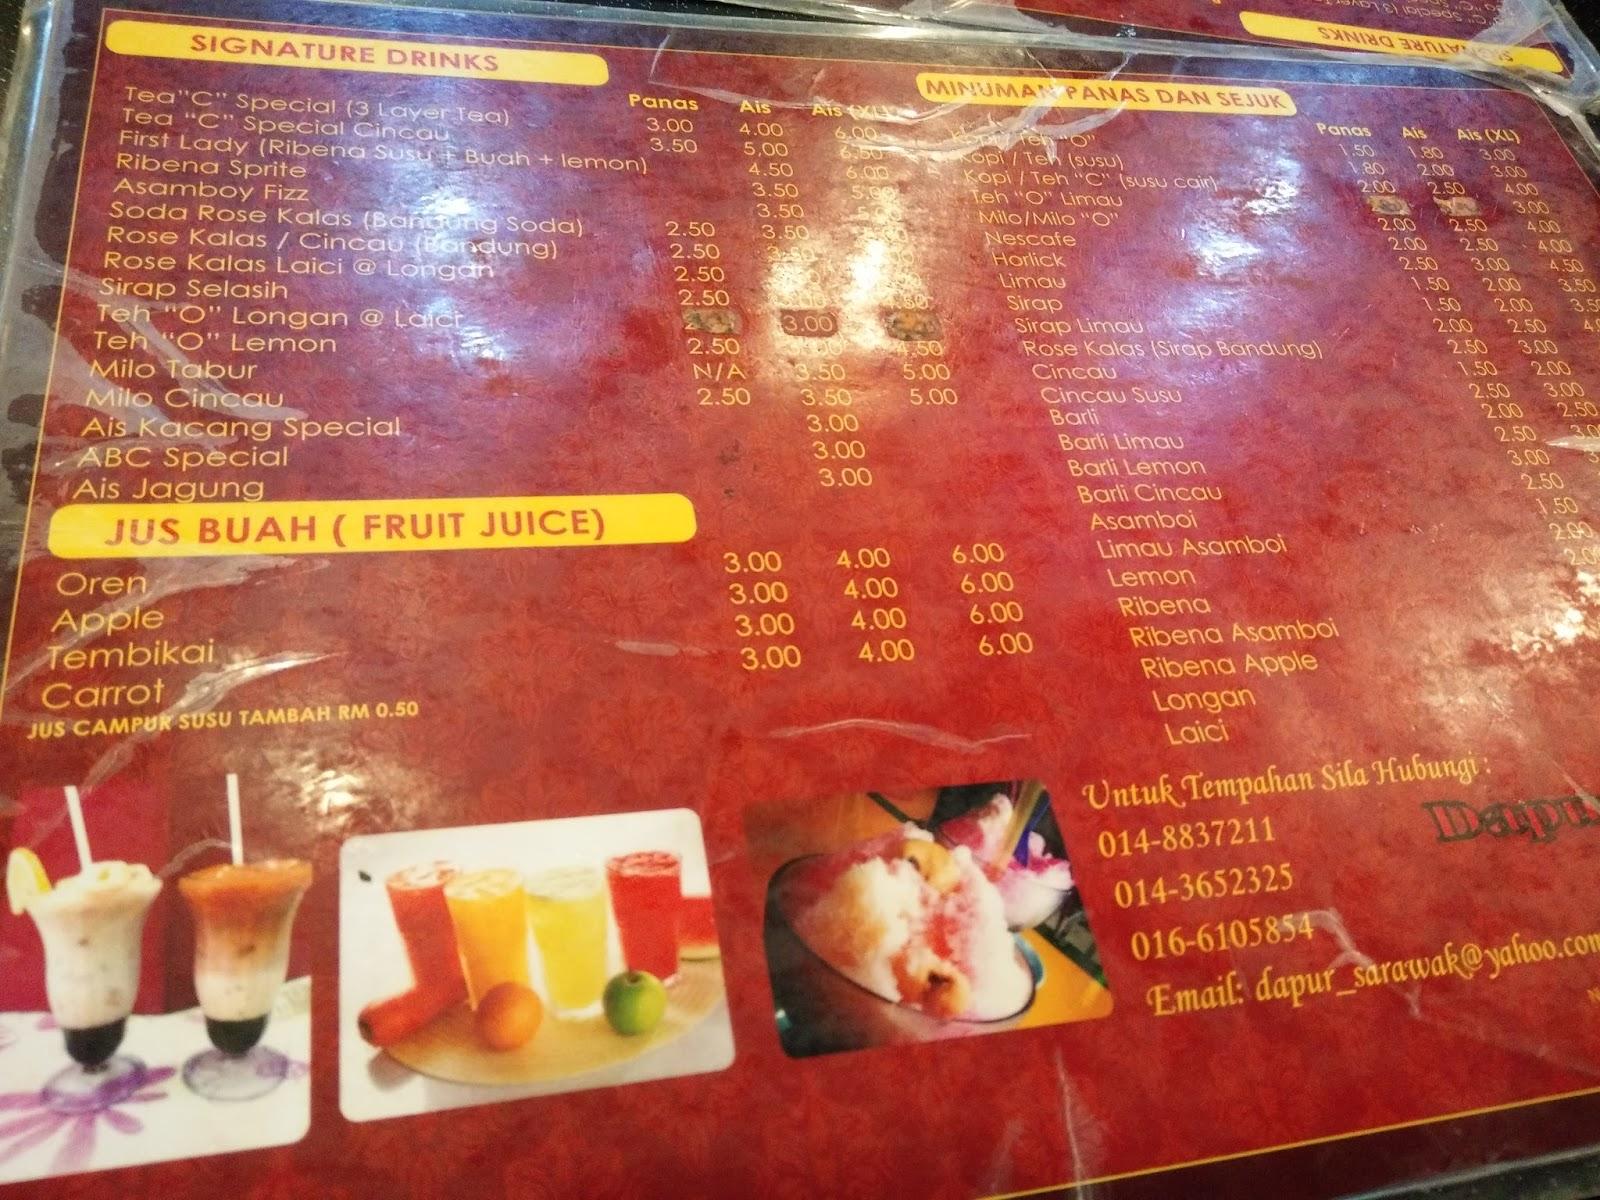 Menu Air Yang Terdapat Di Restoran Dapur Sarawak